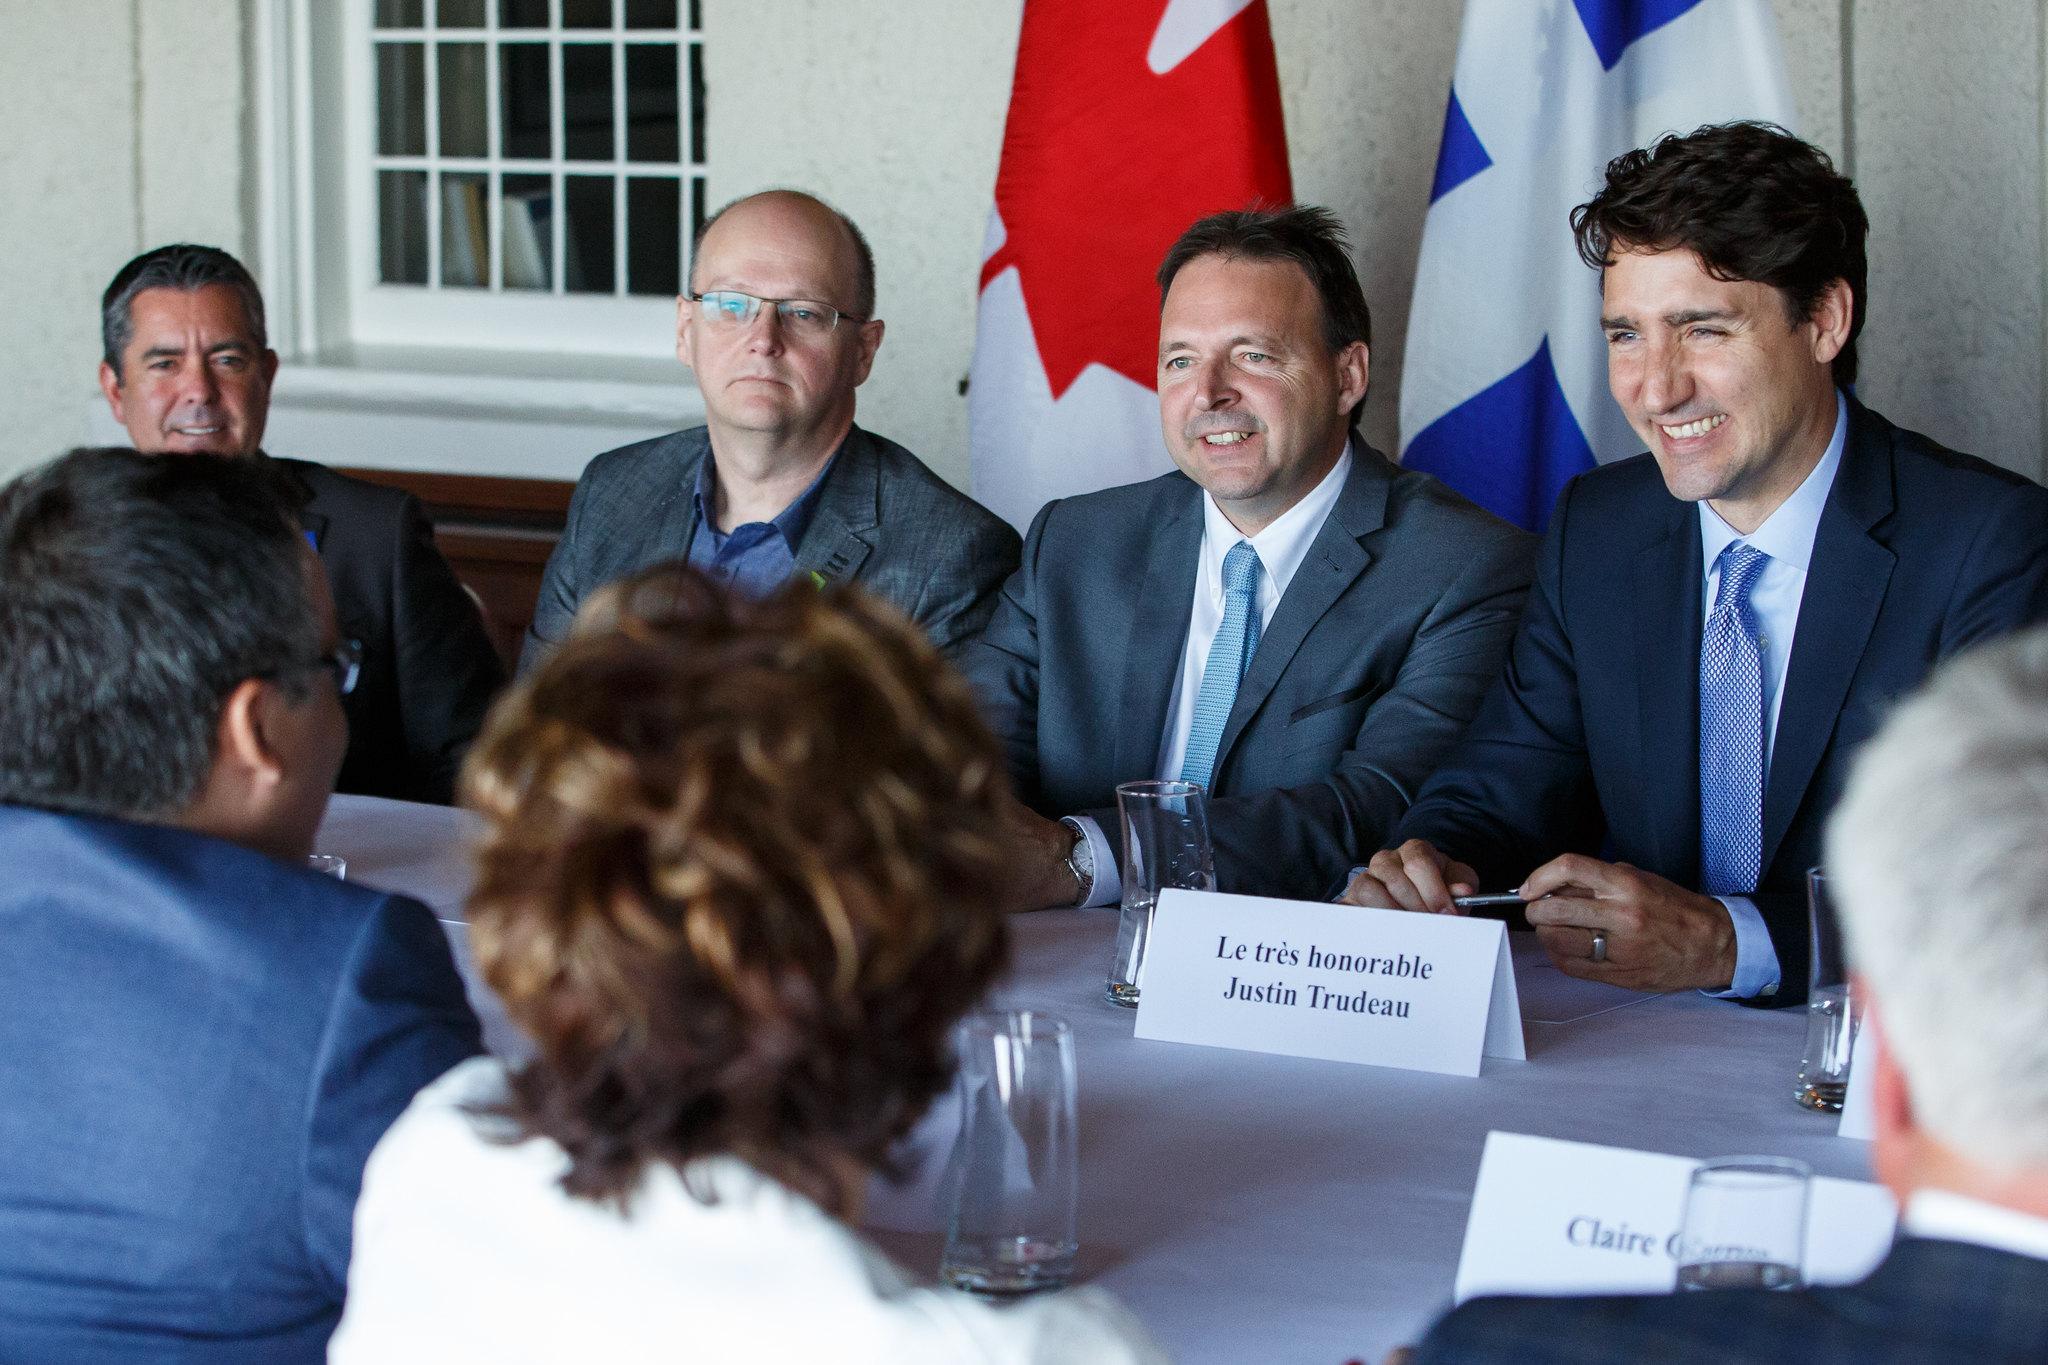 Le premier ministre Trudeau rencontre Michel Couturier, maire de La Malbaie, à l'hôtel de ville. 8 juin 2017.